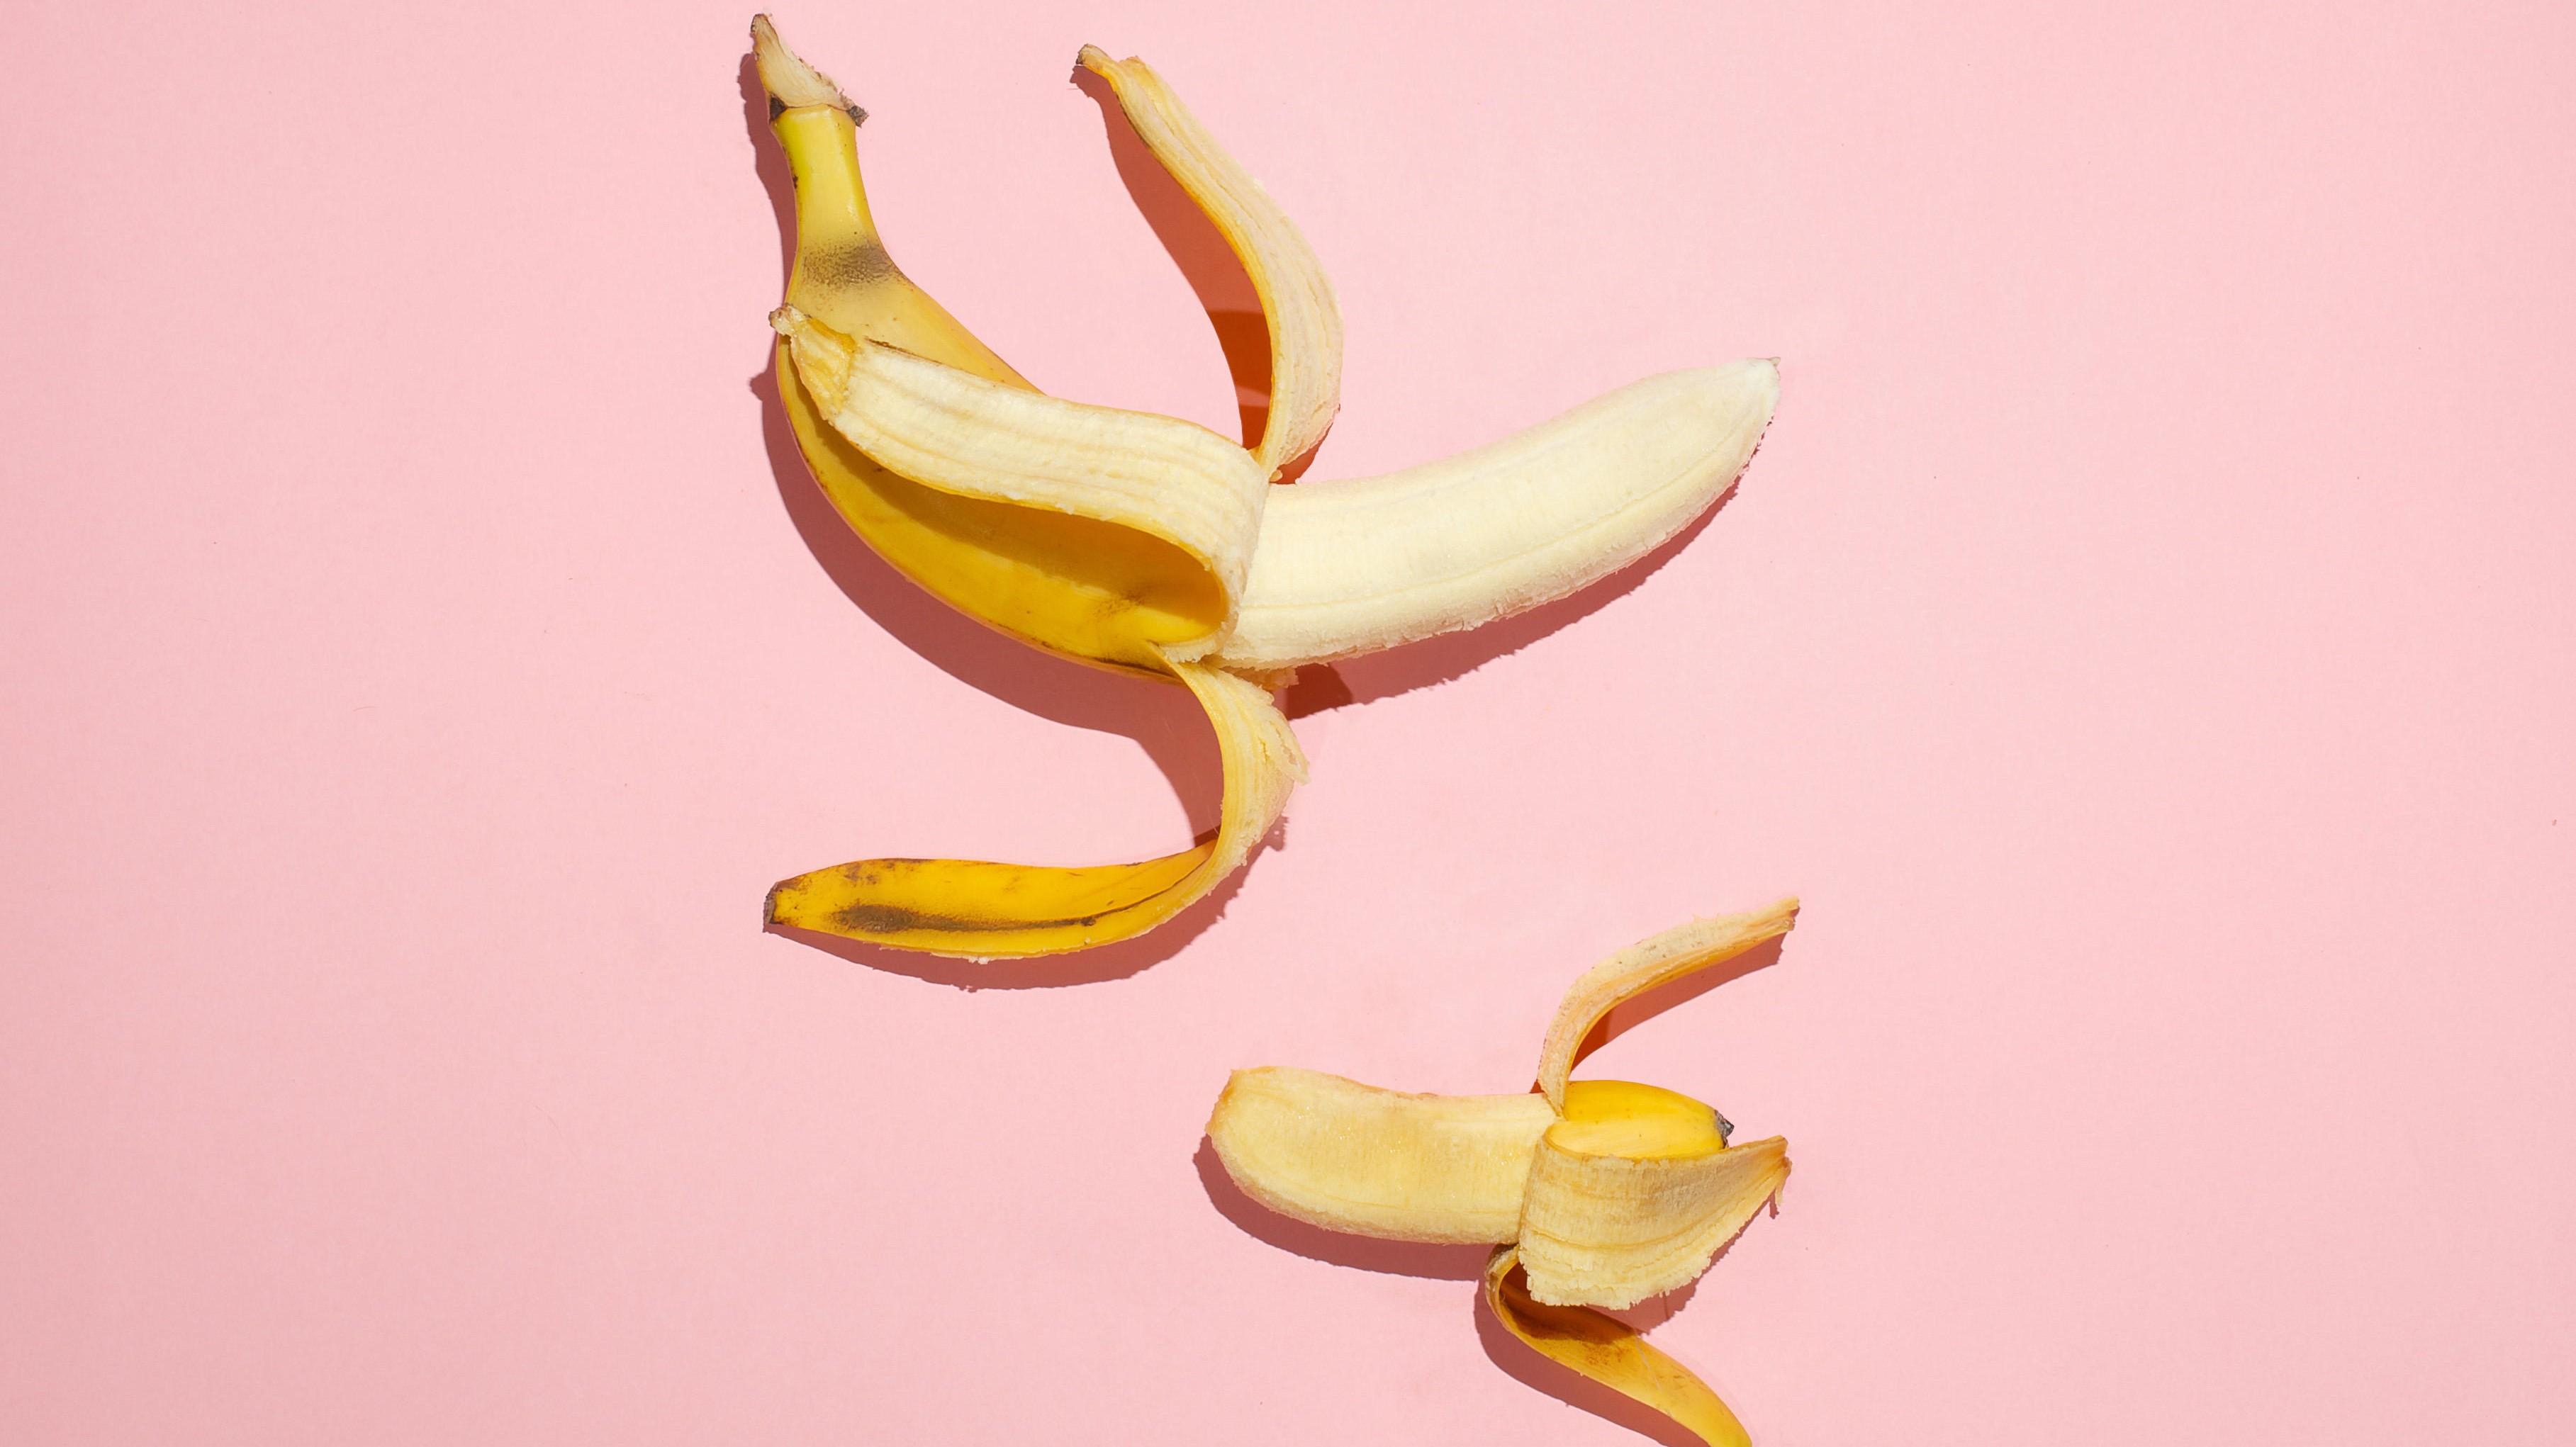 Cât de mult contează dimensiunea penisului | Relaţii | messia.ro